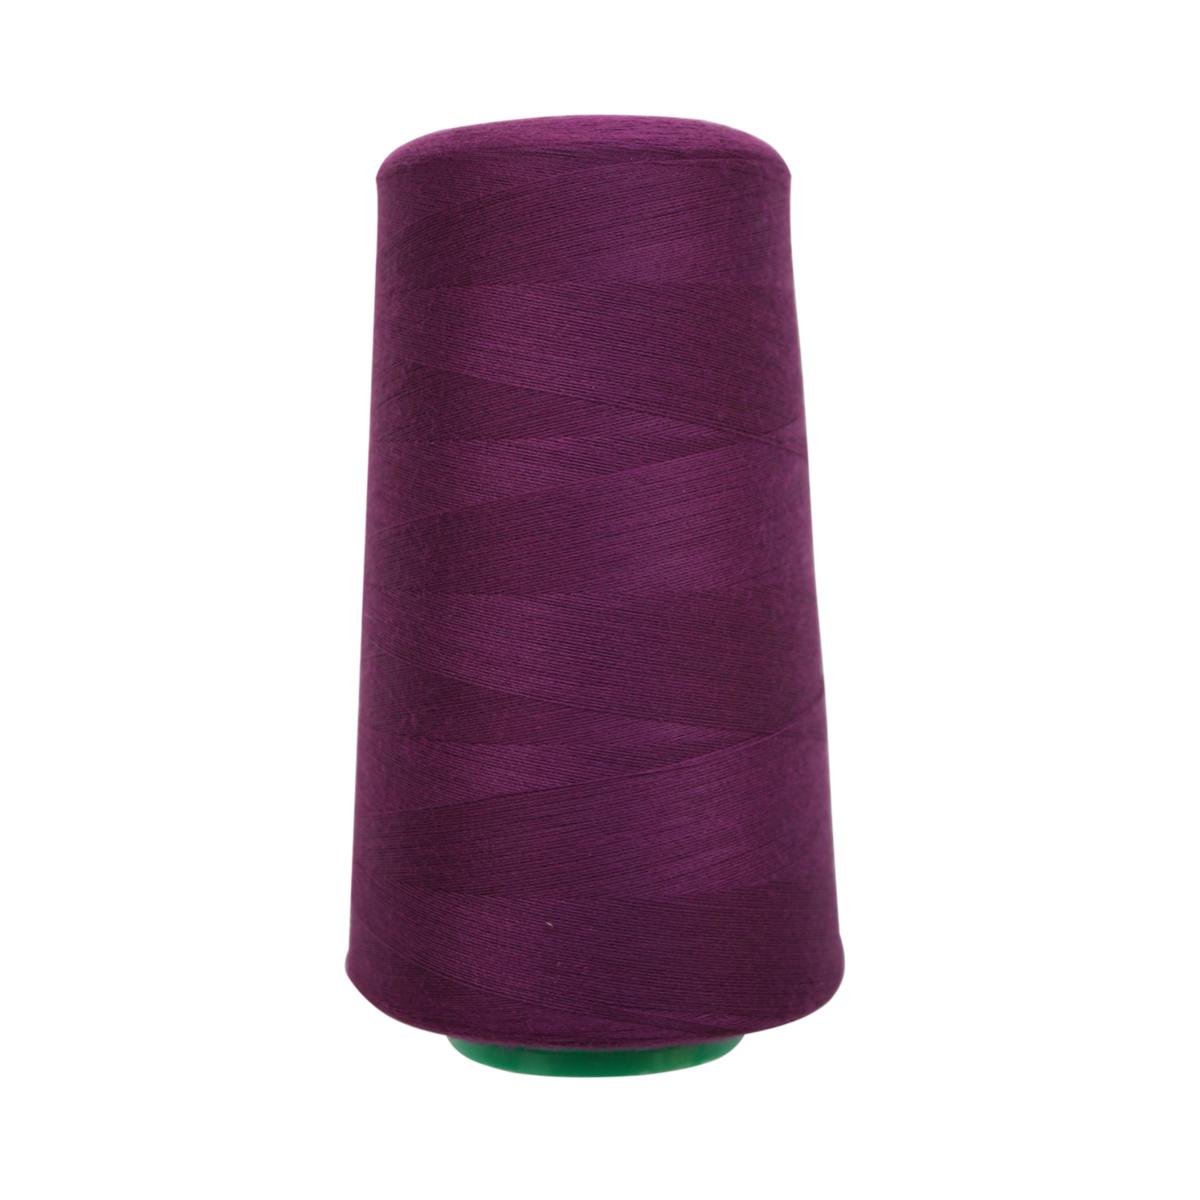 Нитки для шитья Bestex 50/2, 5000 ярд, цвет: т.сирень (348)7700936-348Сфера использования: трикотаж; ткани малого веса; оверлочные швы; отделка краев; вышивка. Размер игл №70-80